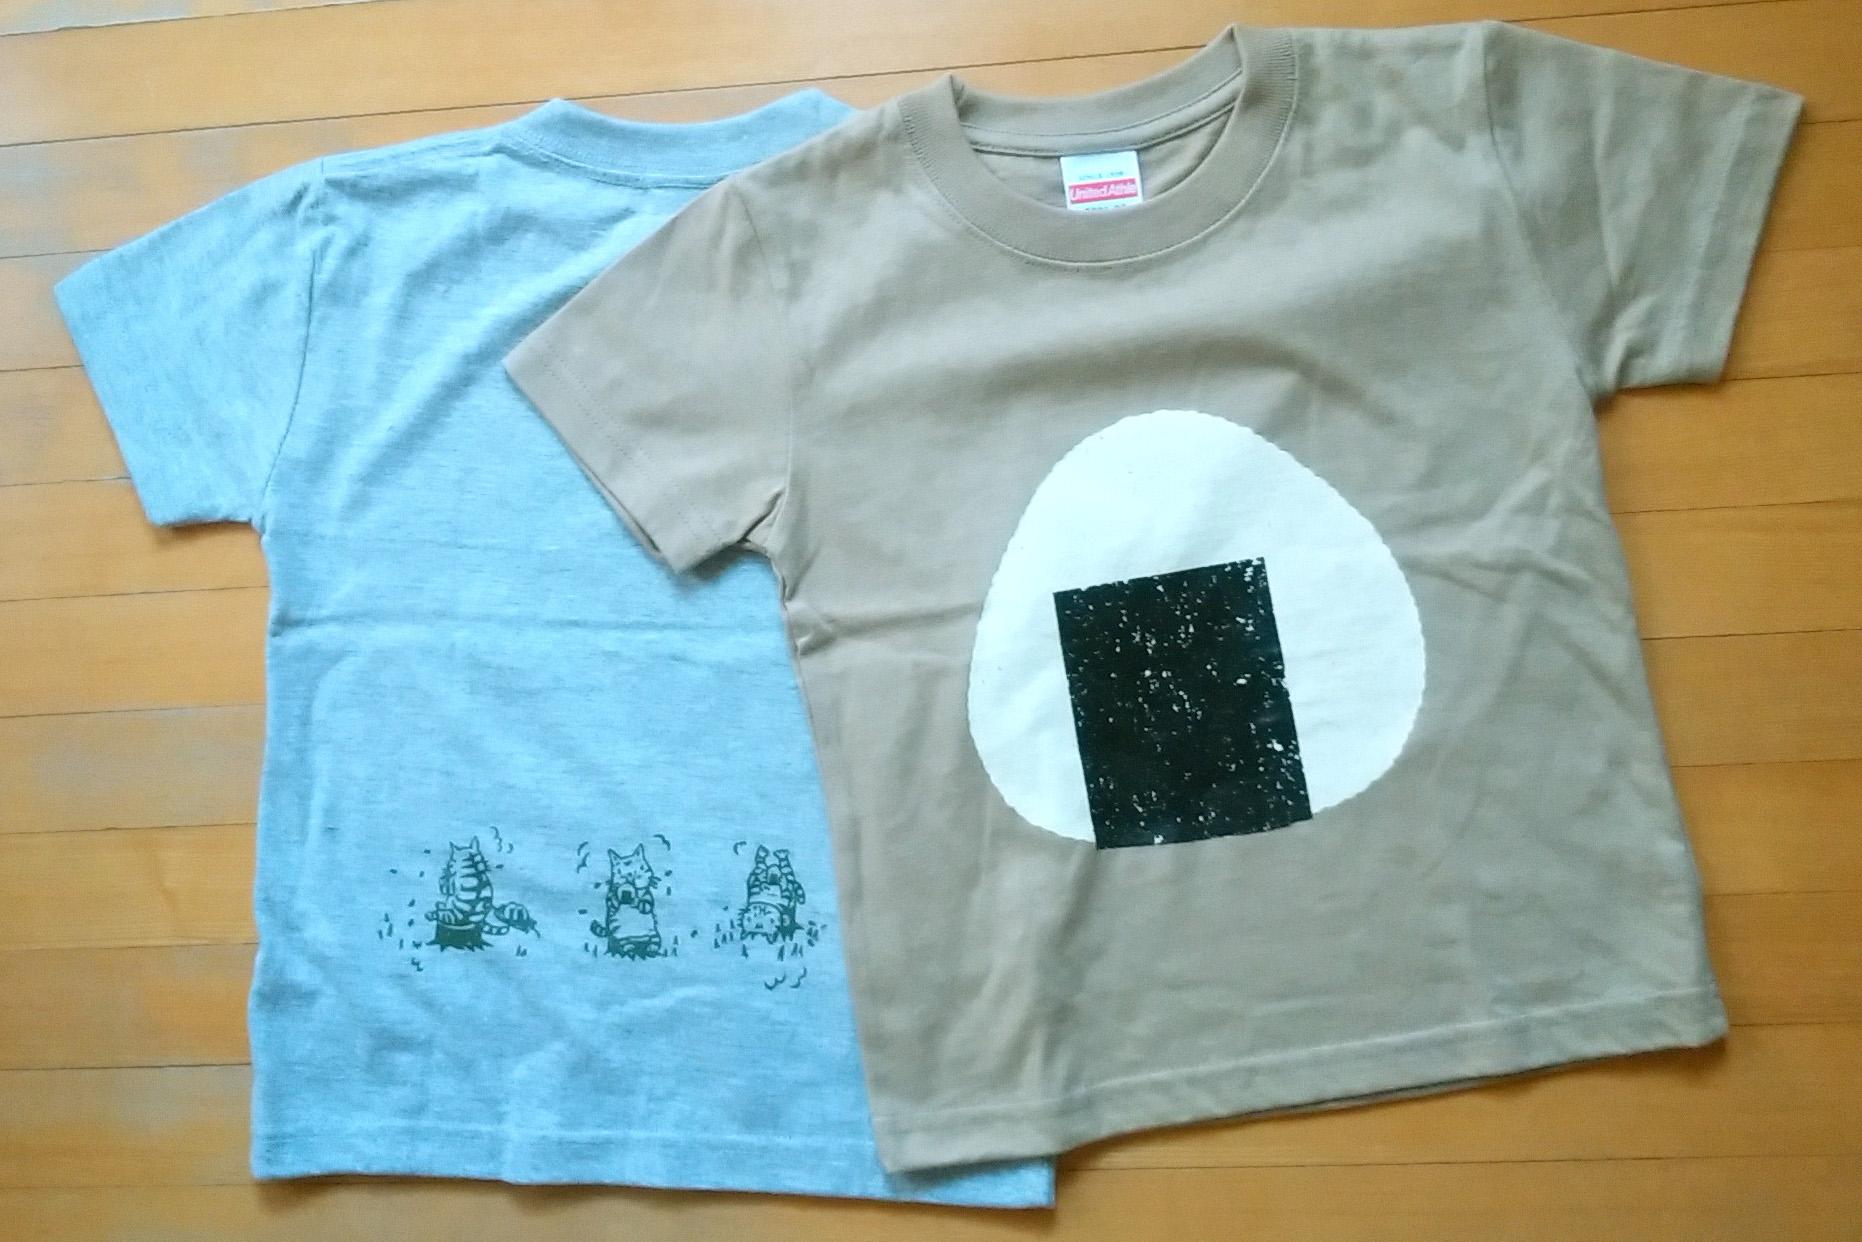 HMJ出品アイテムその1/シルクスクリーン/おにぎりTシャツ